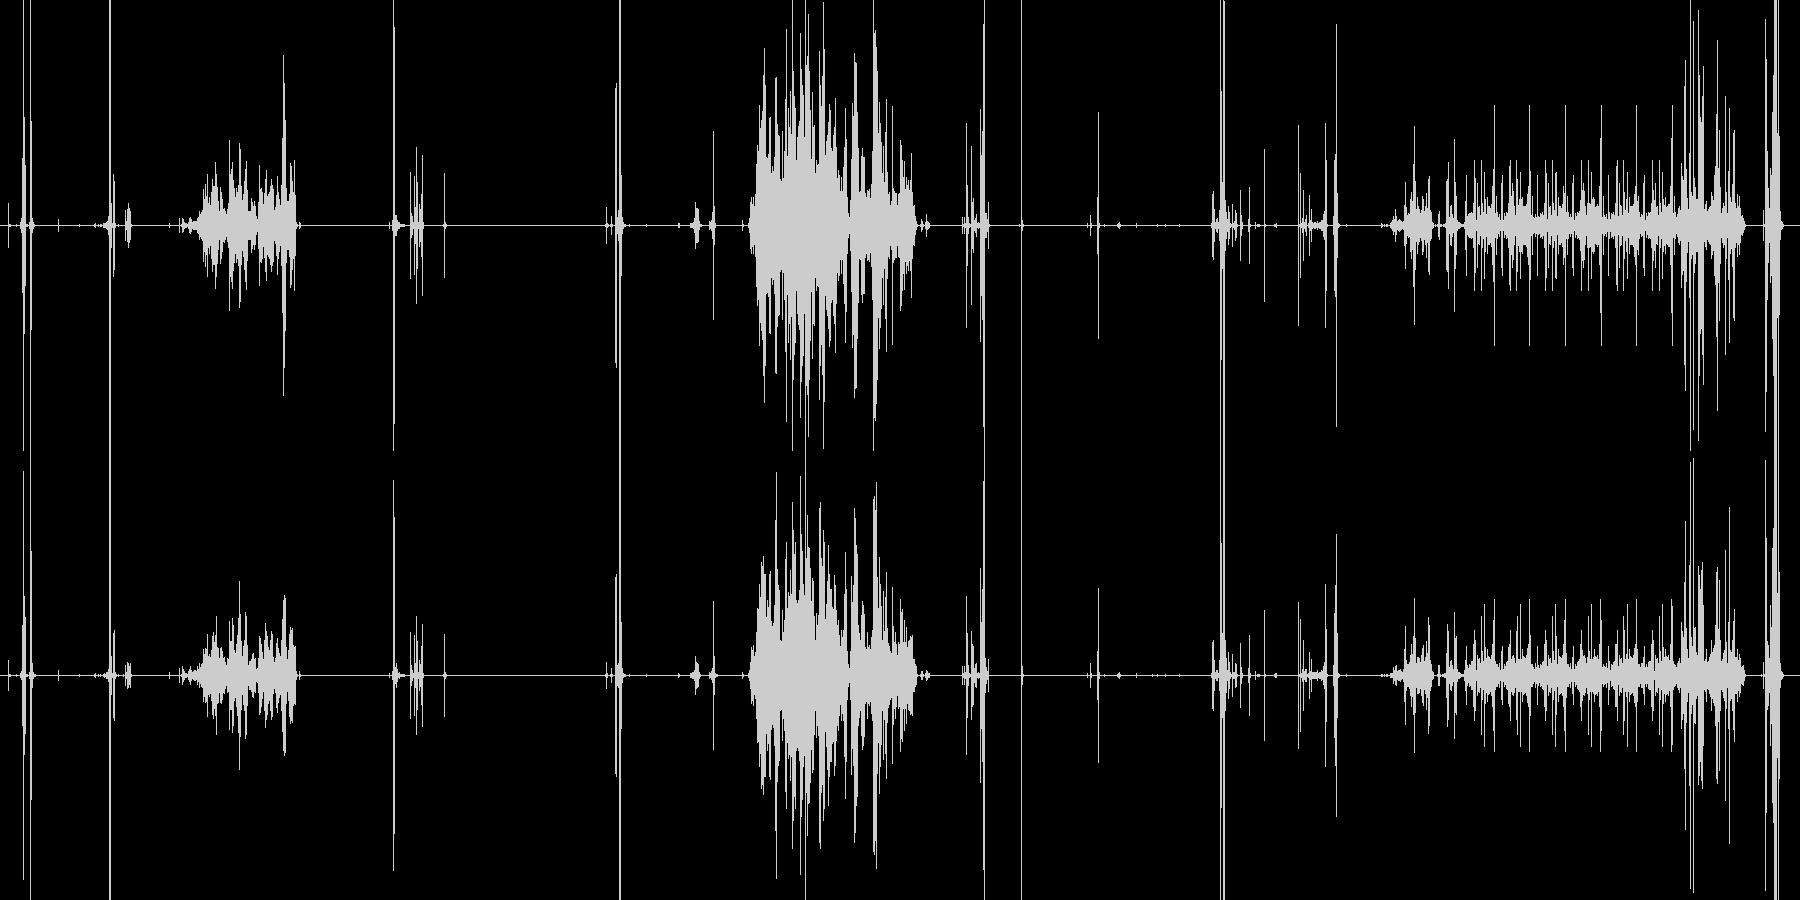 ペンシルシャープナー、マニュアル、...の未再生の波形